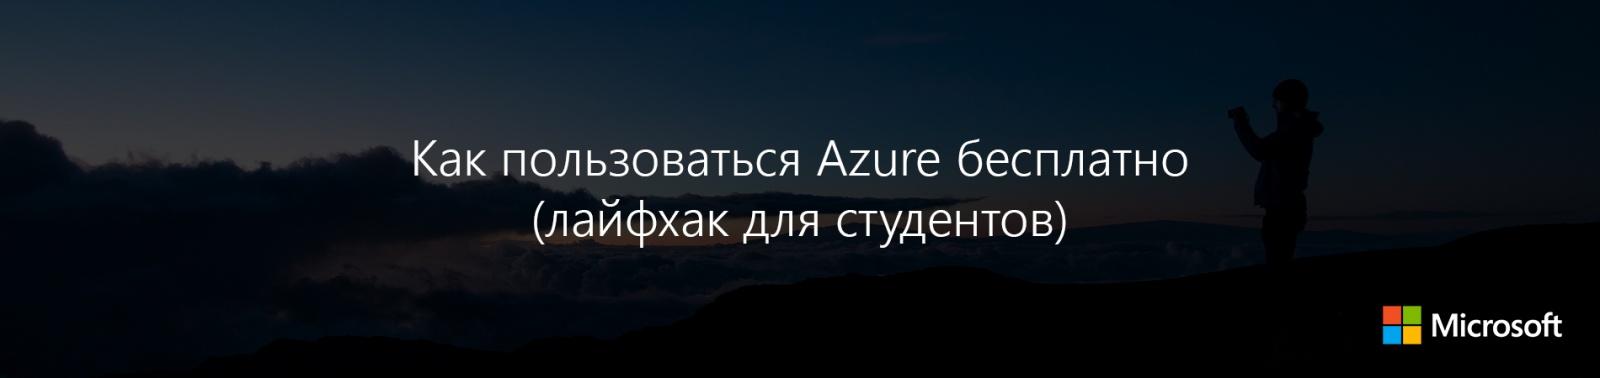 Как пользоваться Azure бесплатно (лайфхак для студентов) - 1